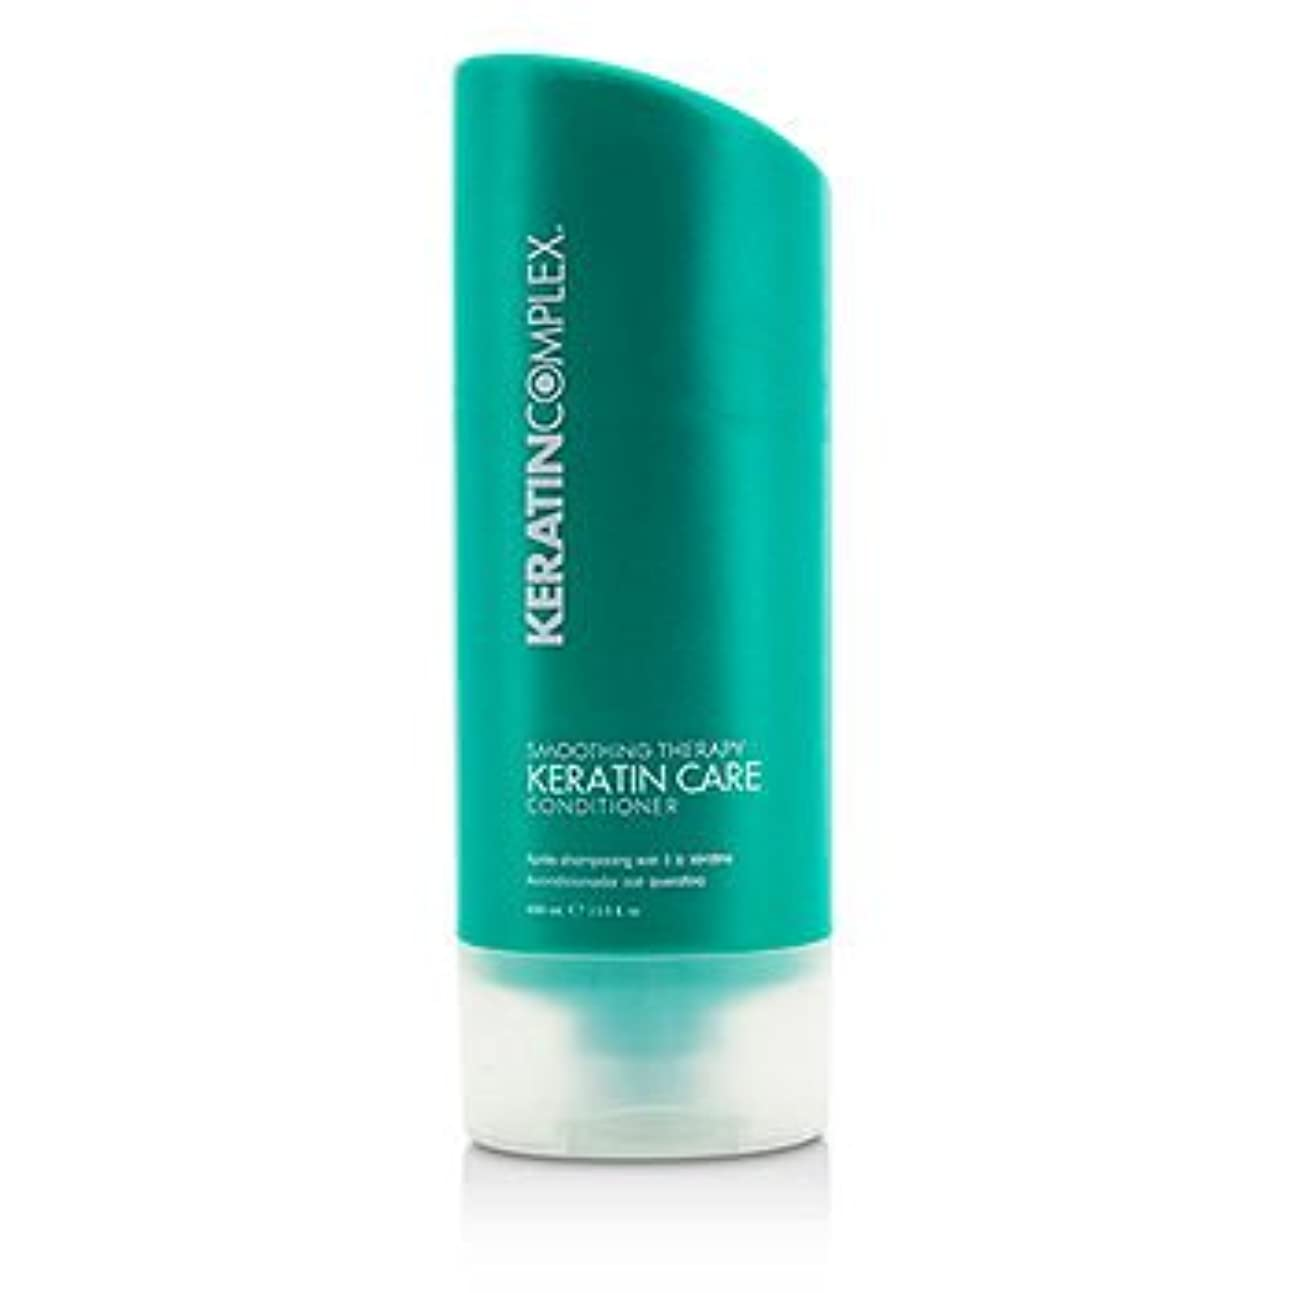 スプリットアレイ胆嚢[Keratin Complex] Smoothing Therapy Keratin Care Conditioner (For All Hair Types) 400ml/13.5oz